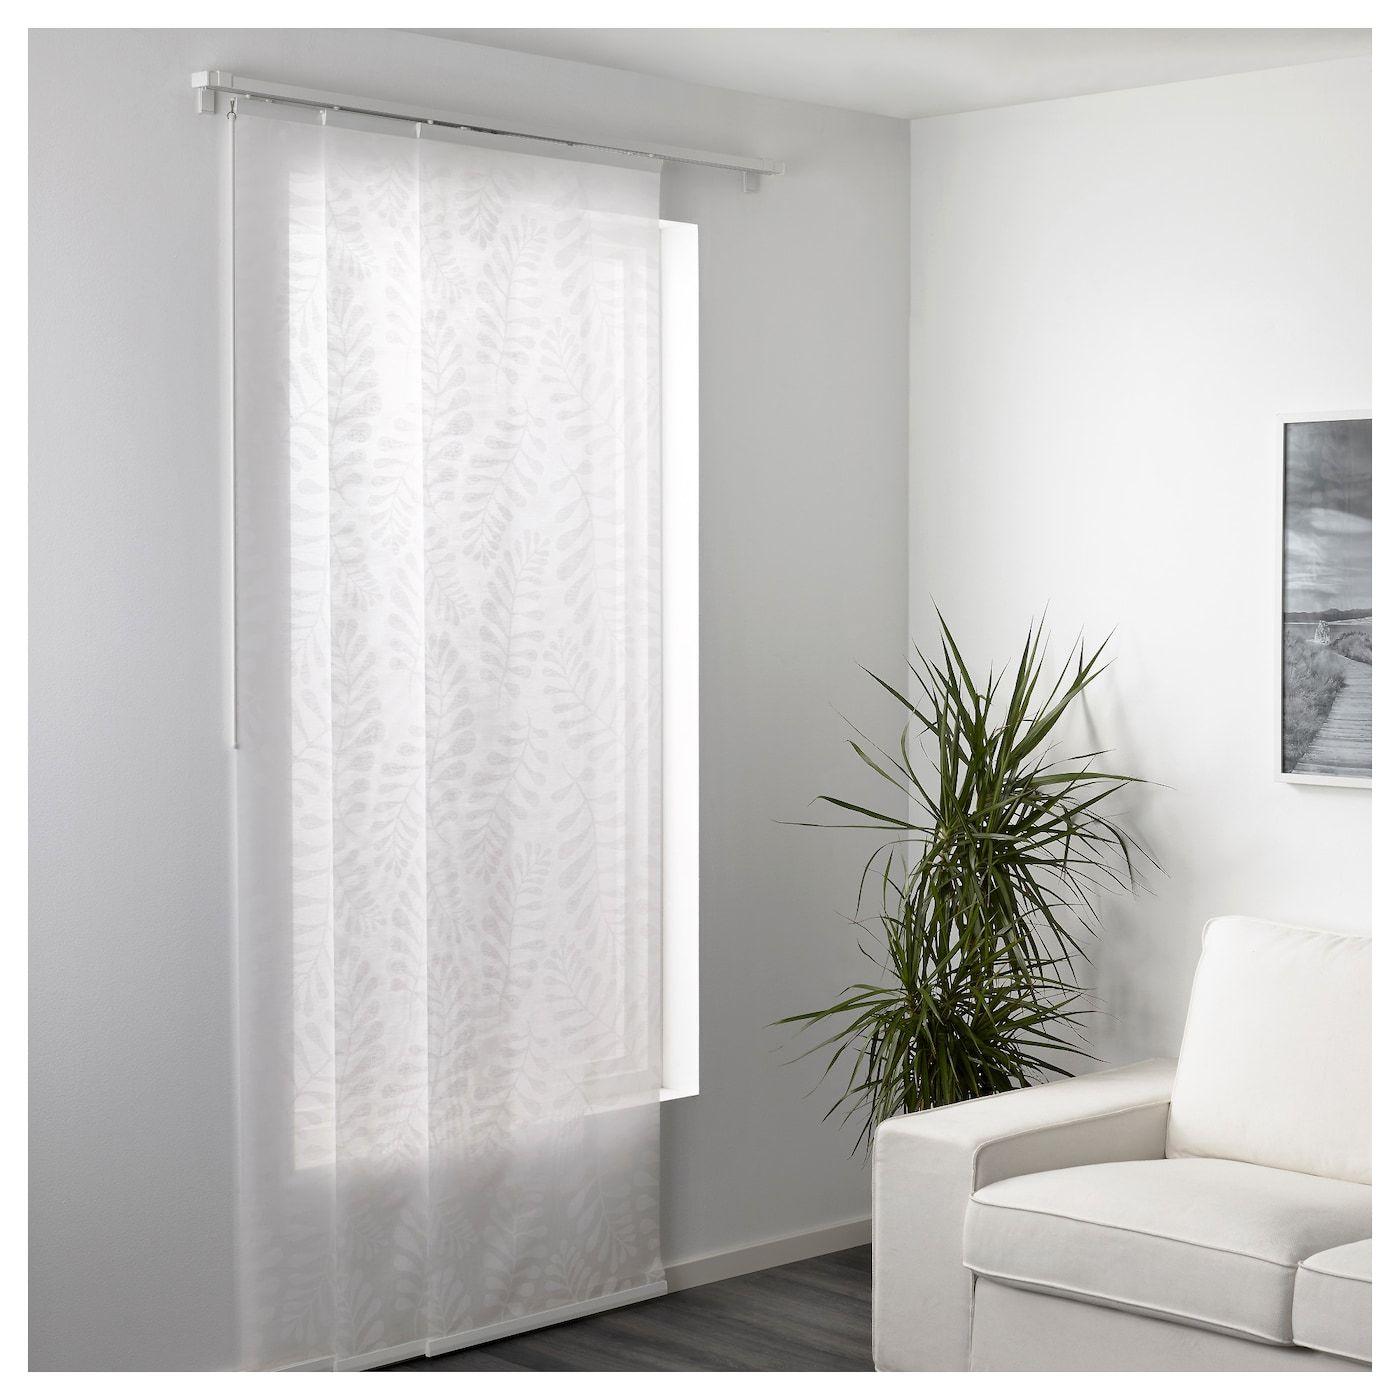 Yrla Schiebegardine Weiss Weiss Ikea Deutschland Panel Curtains White Paneling White Curtains